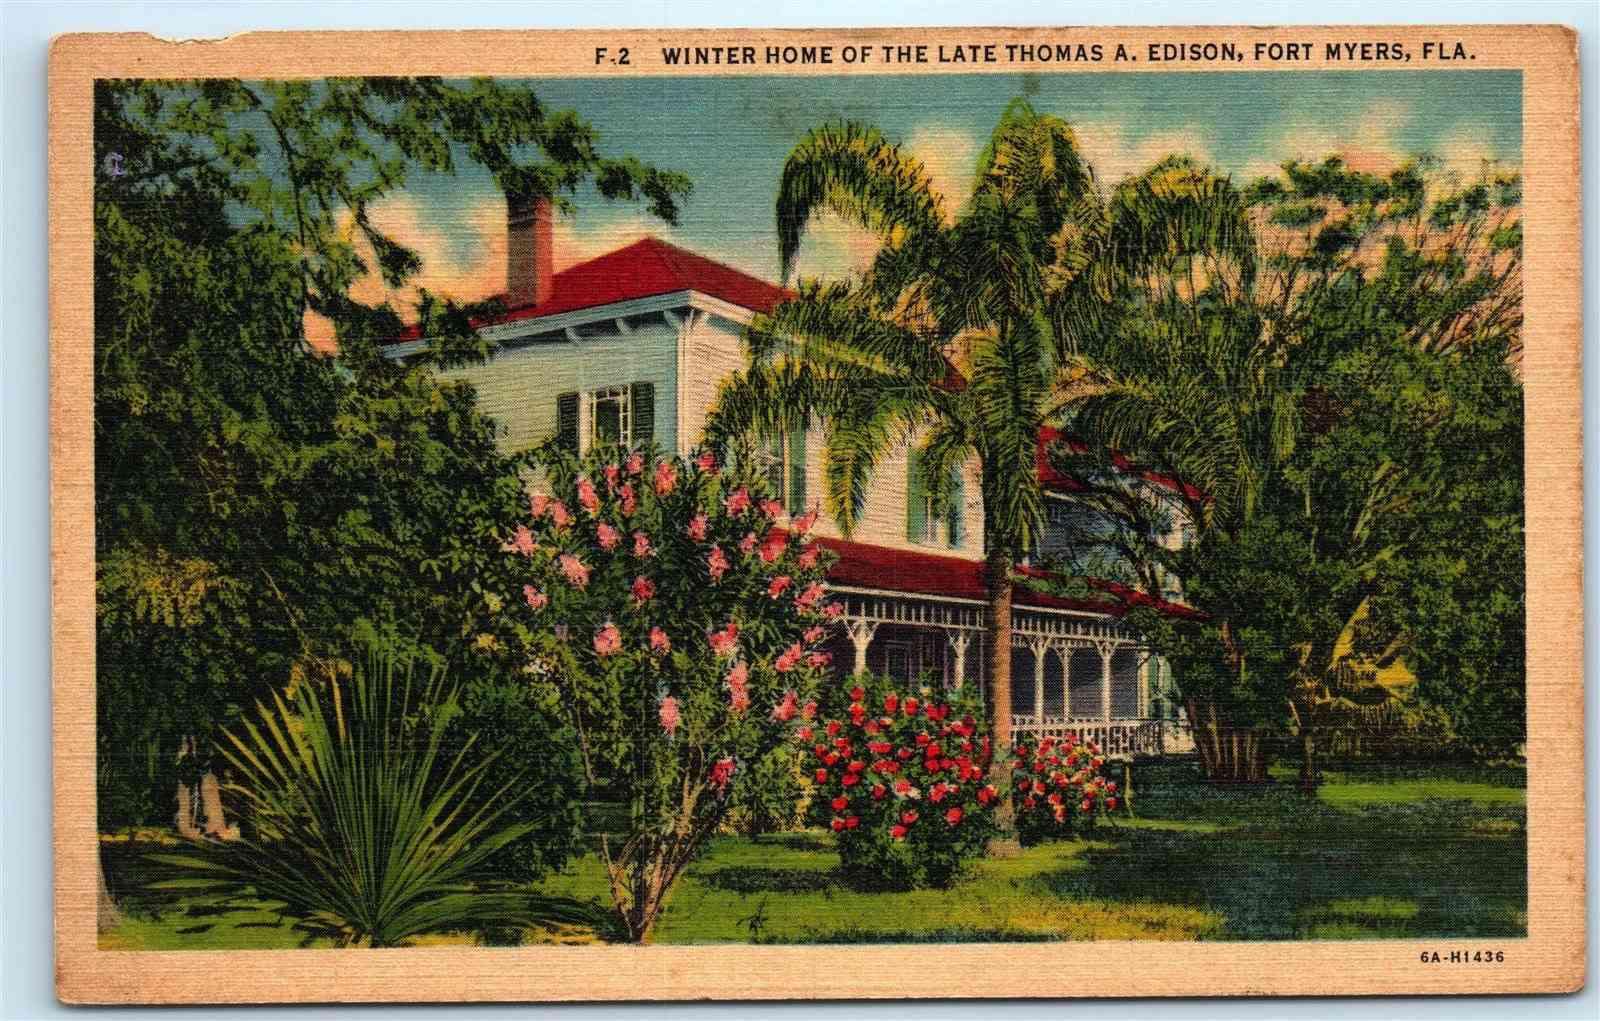 Thomas Edison house/ Fort Myers